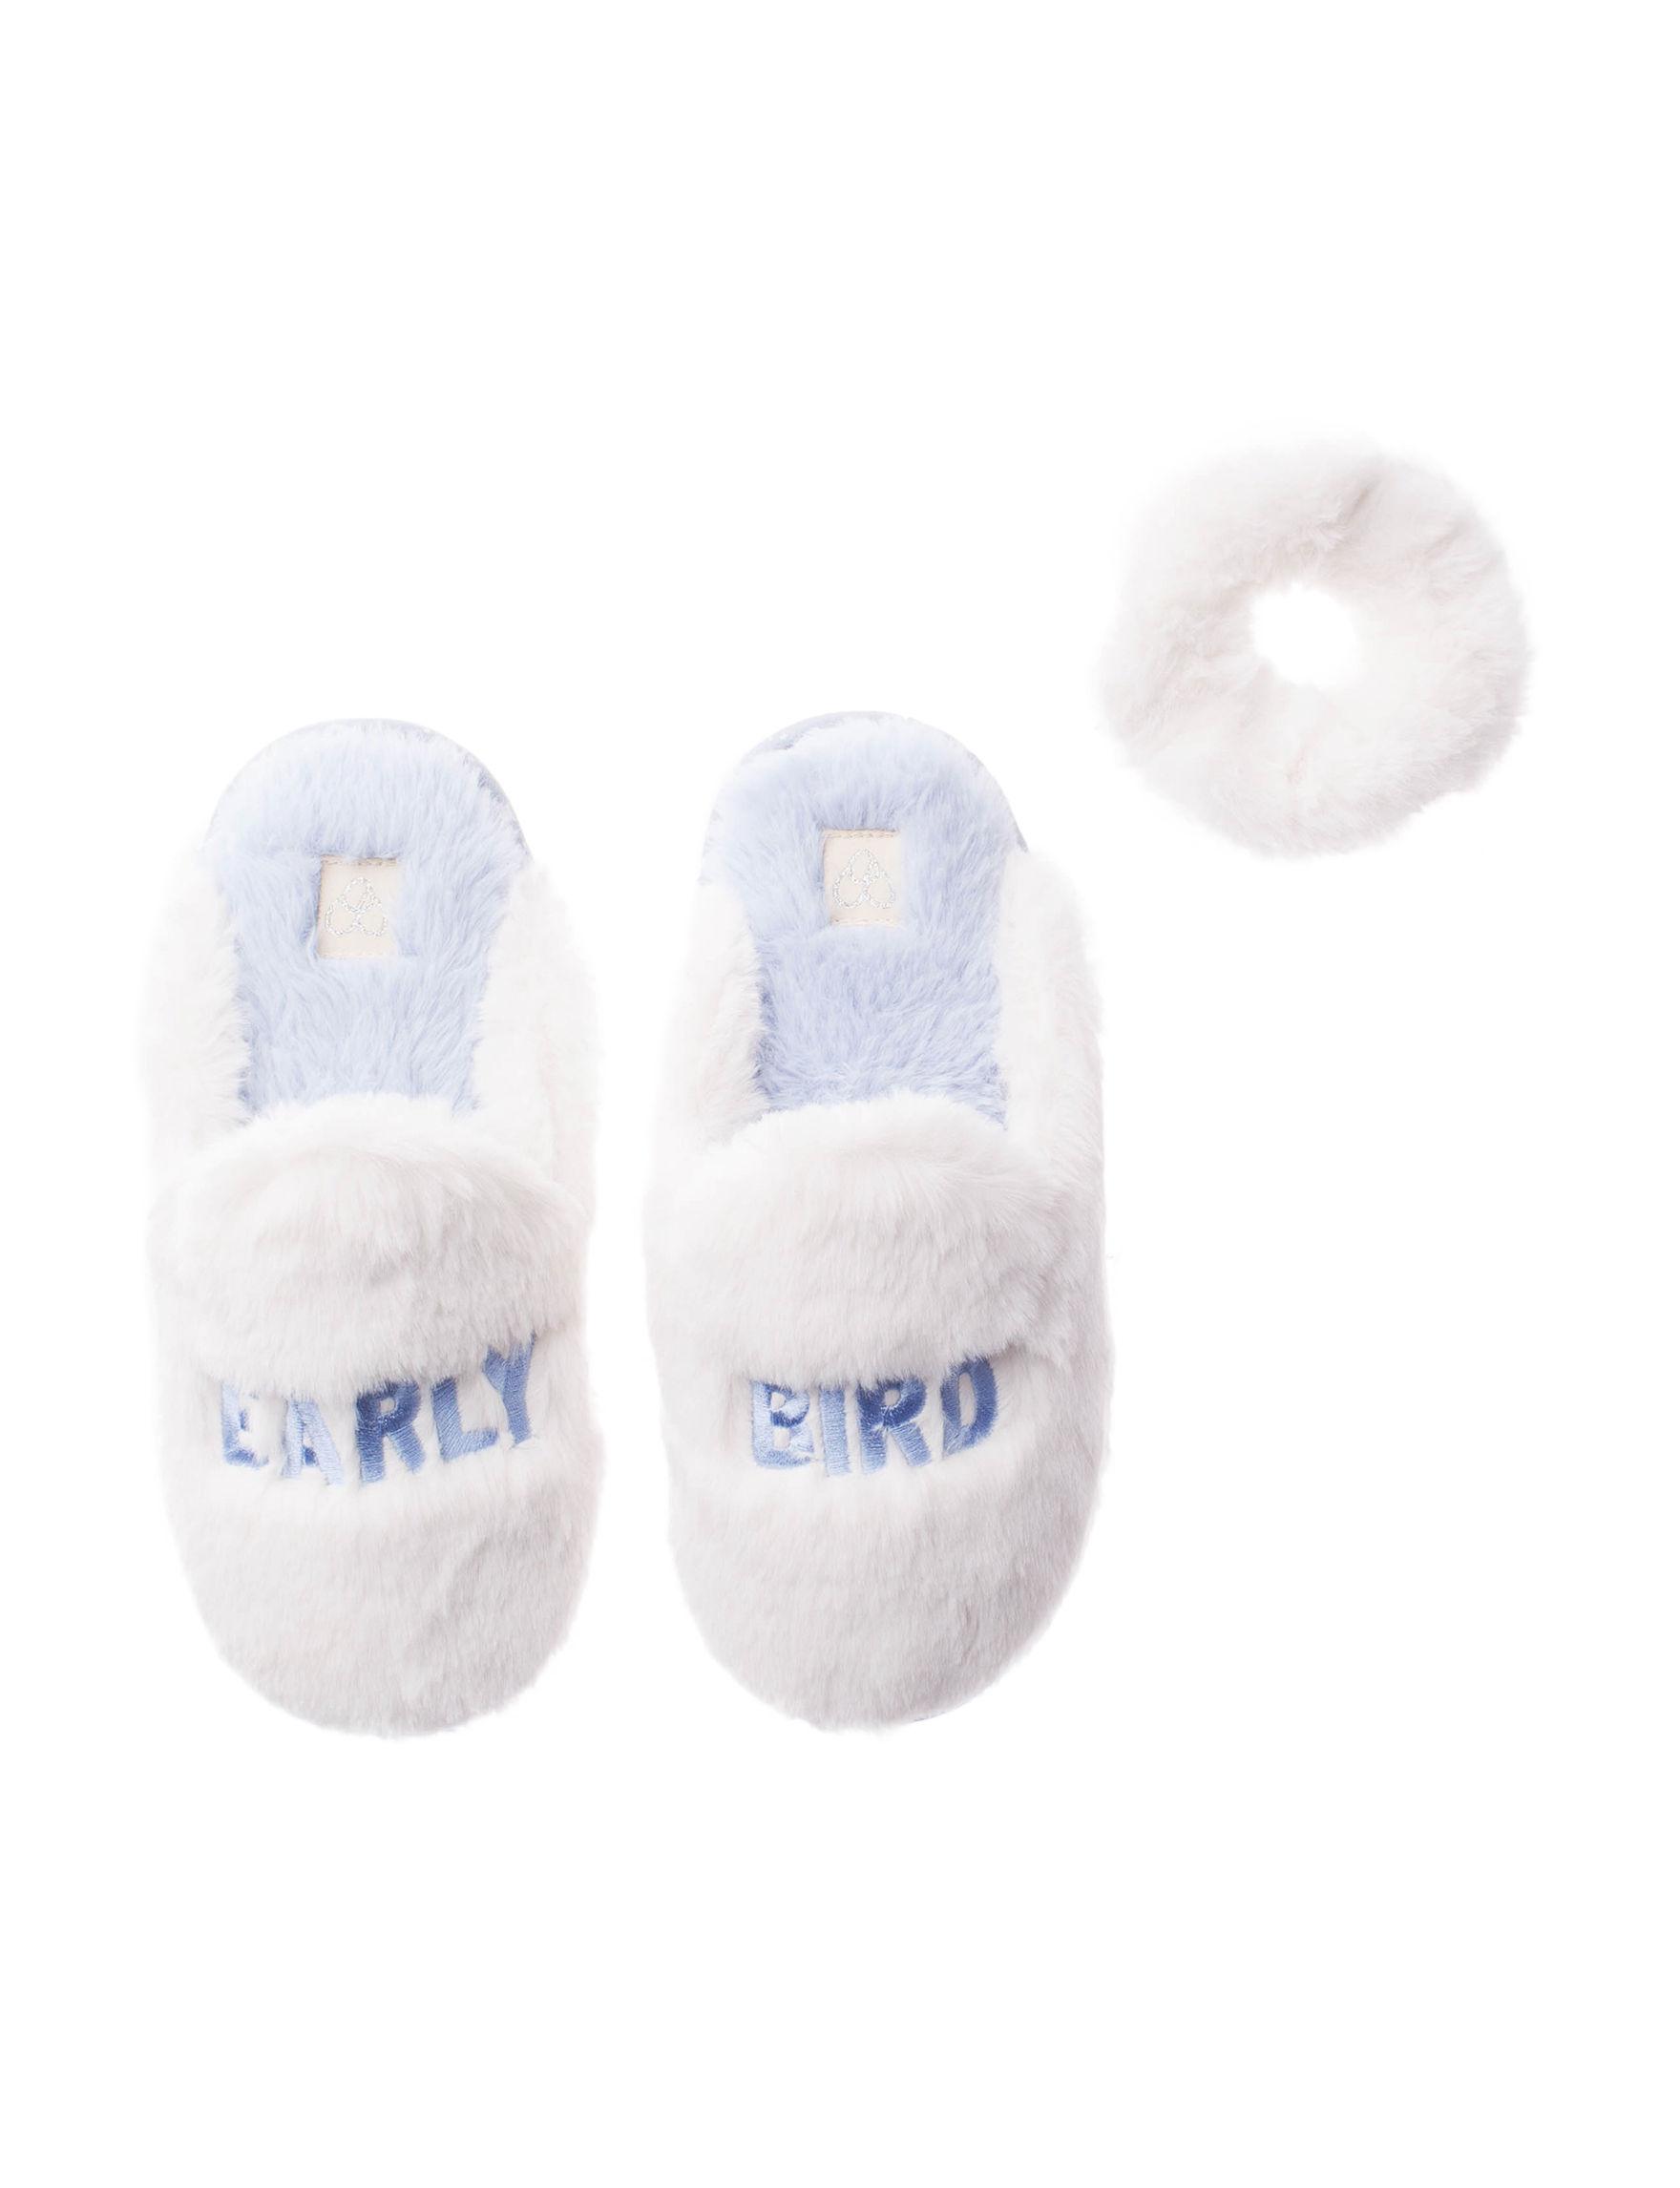 Dearfoams Off White Slipper Shoes